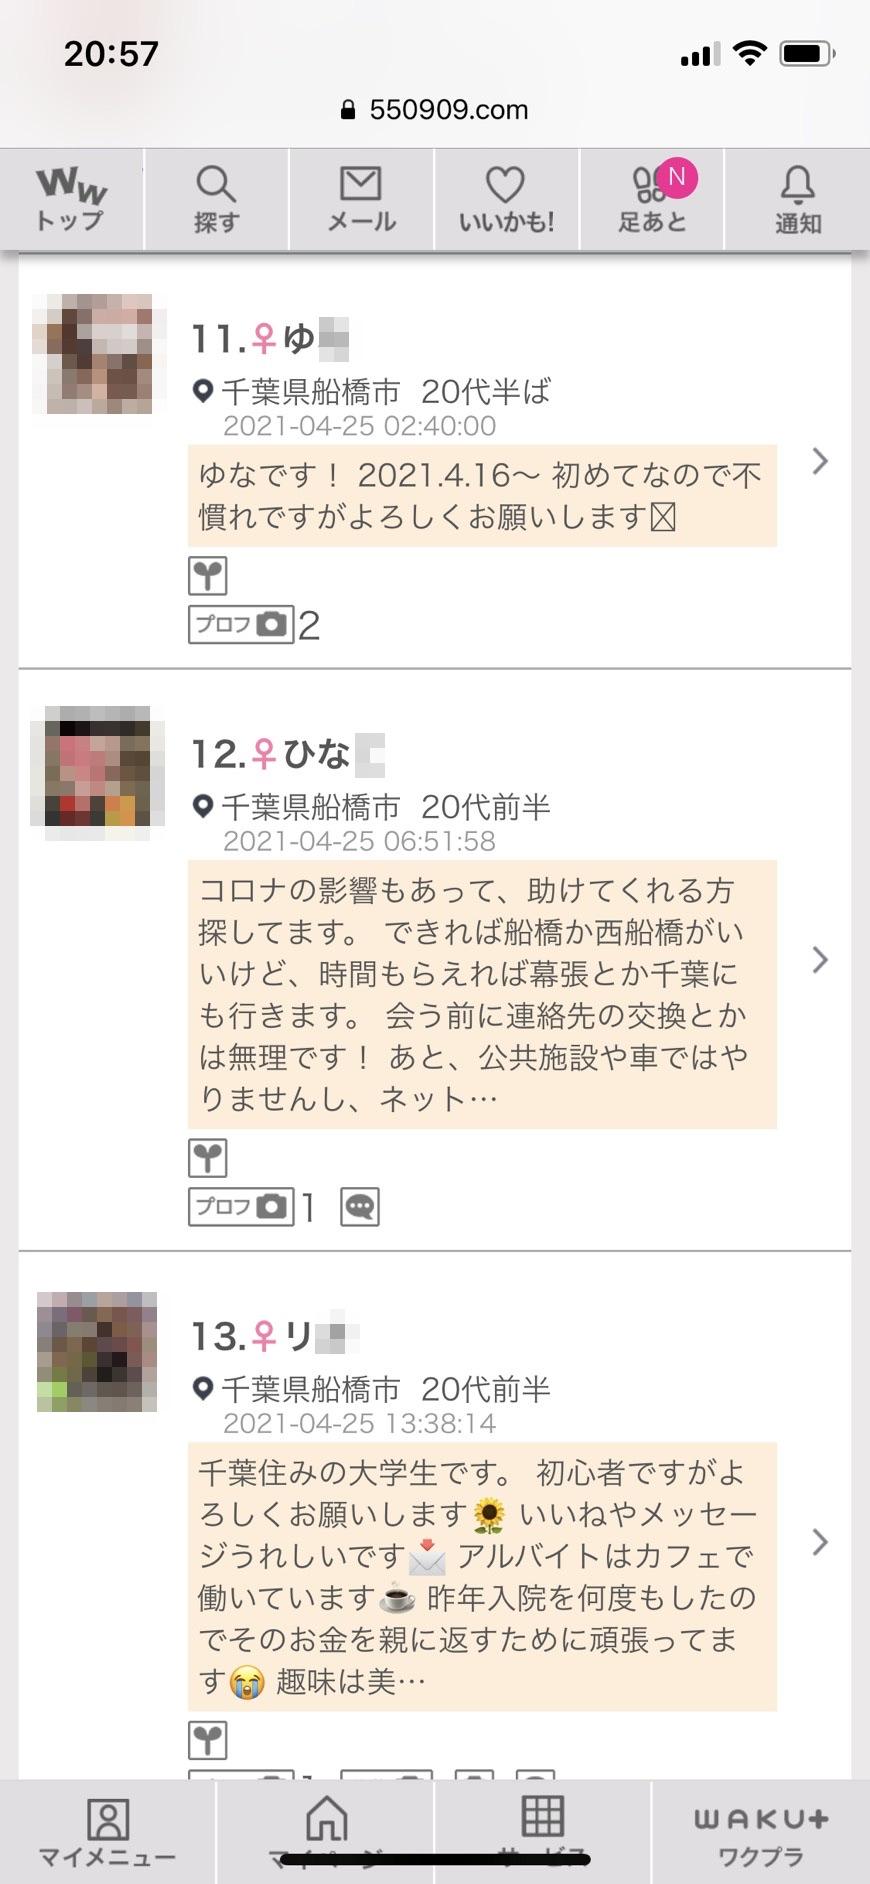 船橋・出会い希望(ワクワクメール)